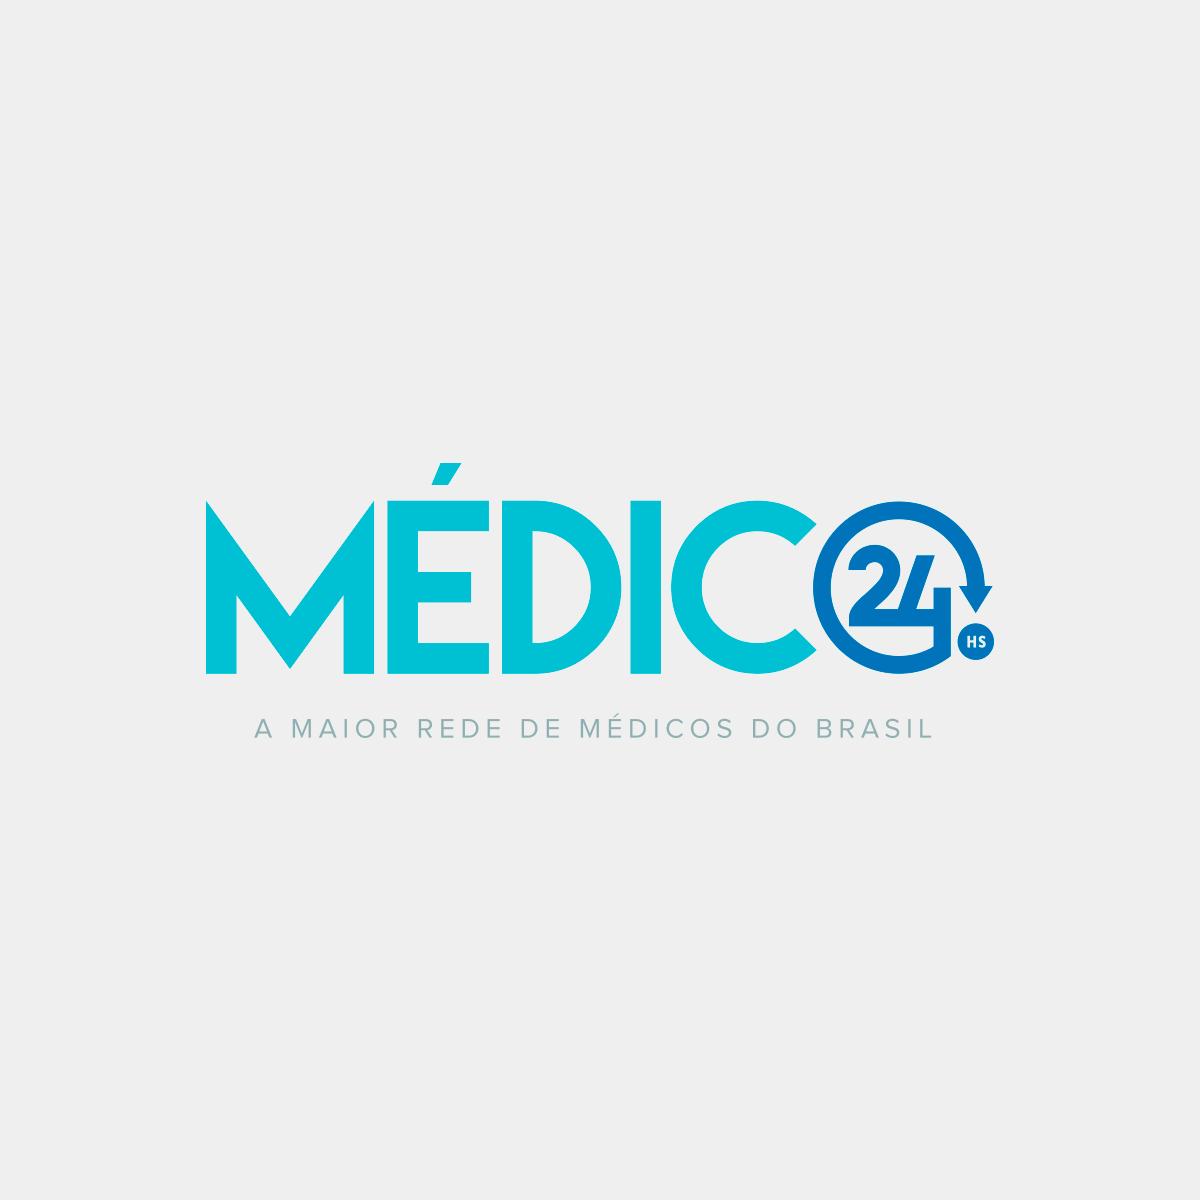 https://brasiltelemedicina.com.br/wp-content/uploads/2016/07/medico-24hs-1200x1200.png